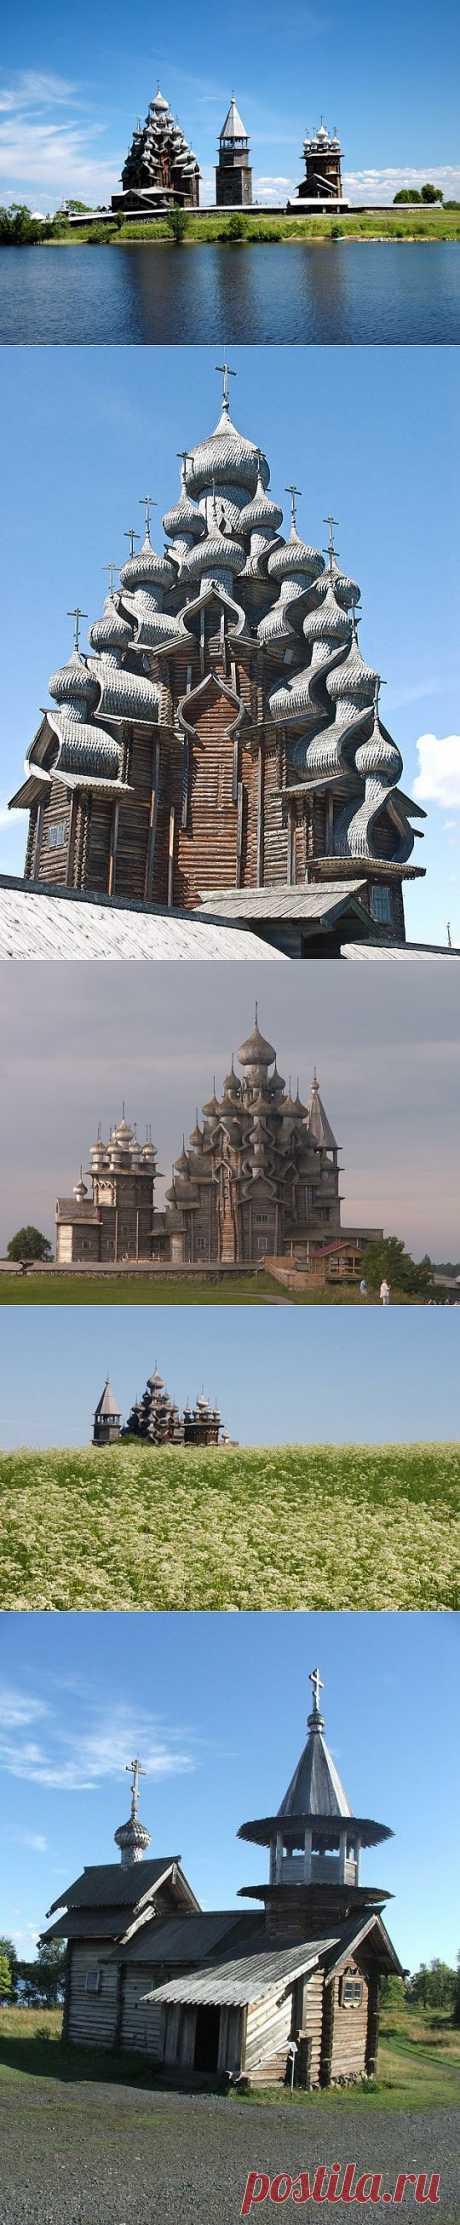 (+1) комм - Кижи. Шедевры русских зодчих в Карелии | Непутевые заметки